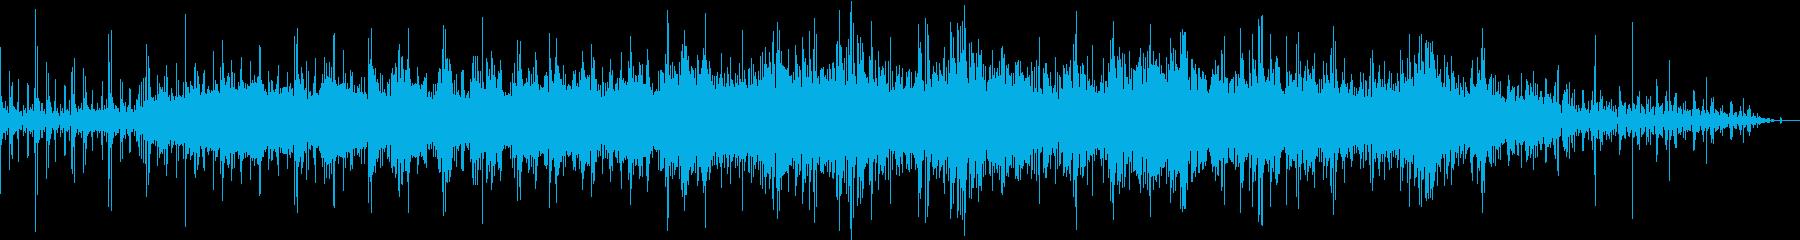 幸せな雰囲気漂うBGMの再生済みの波形